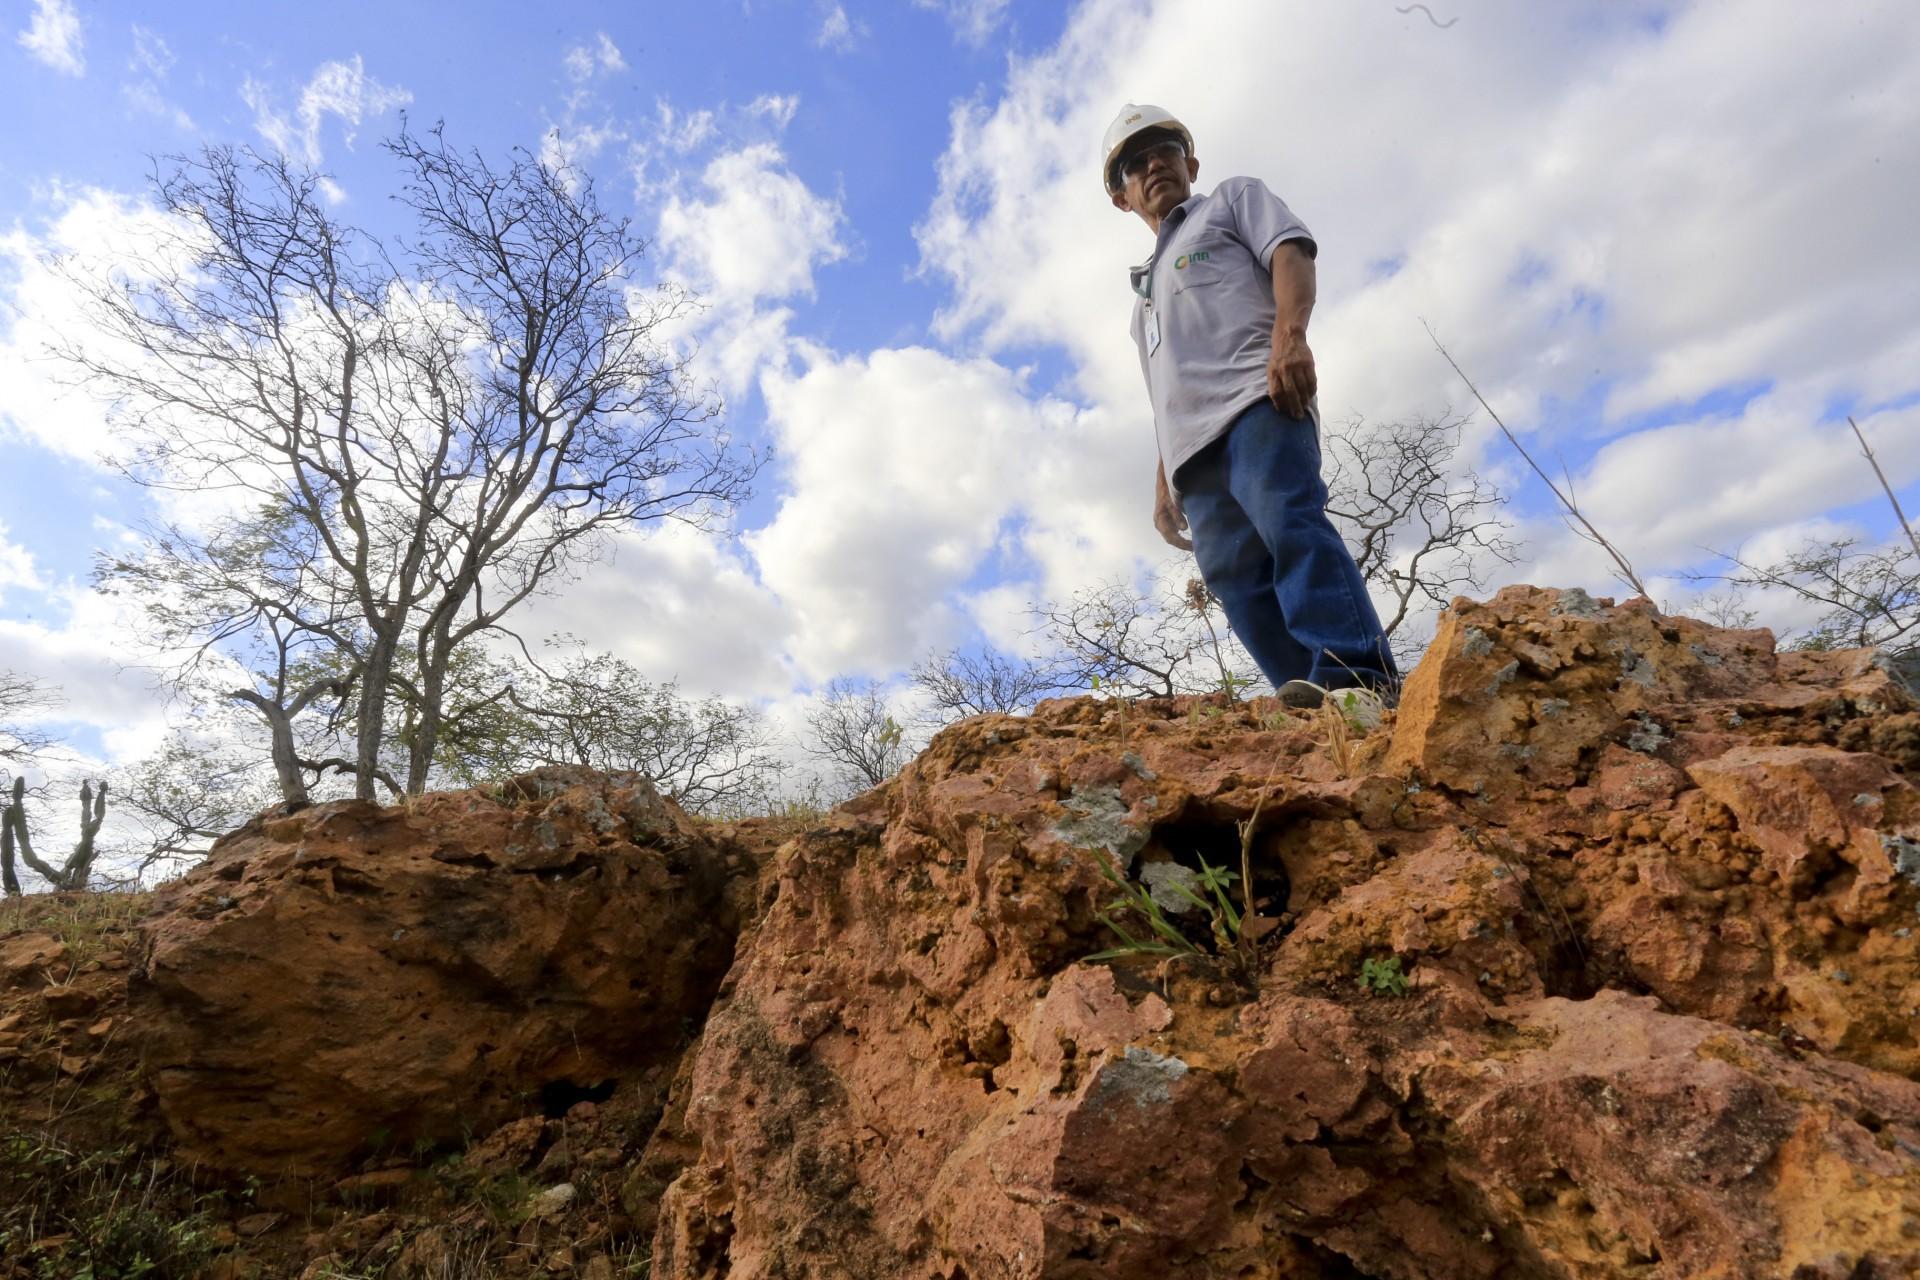 (Foto: O POVO)SANTA QUITÉRIA, CE, BRASIL, 20-07-2015: Antônio Dias Gomes, 54, funcionário da mina de urânio e fosfato de Itataia. Mina de urânio (minério) em Santa Quitéria. (Foto: Fábio Lima/O POVO) *** Local Caption *** Publicada em 03/08/2015 - CD 06